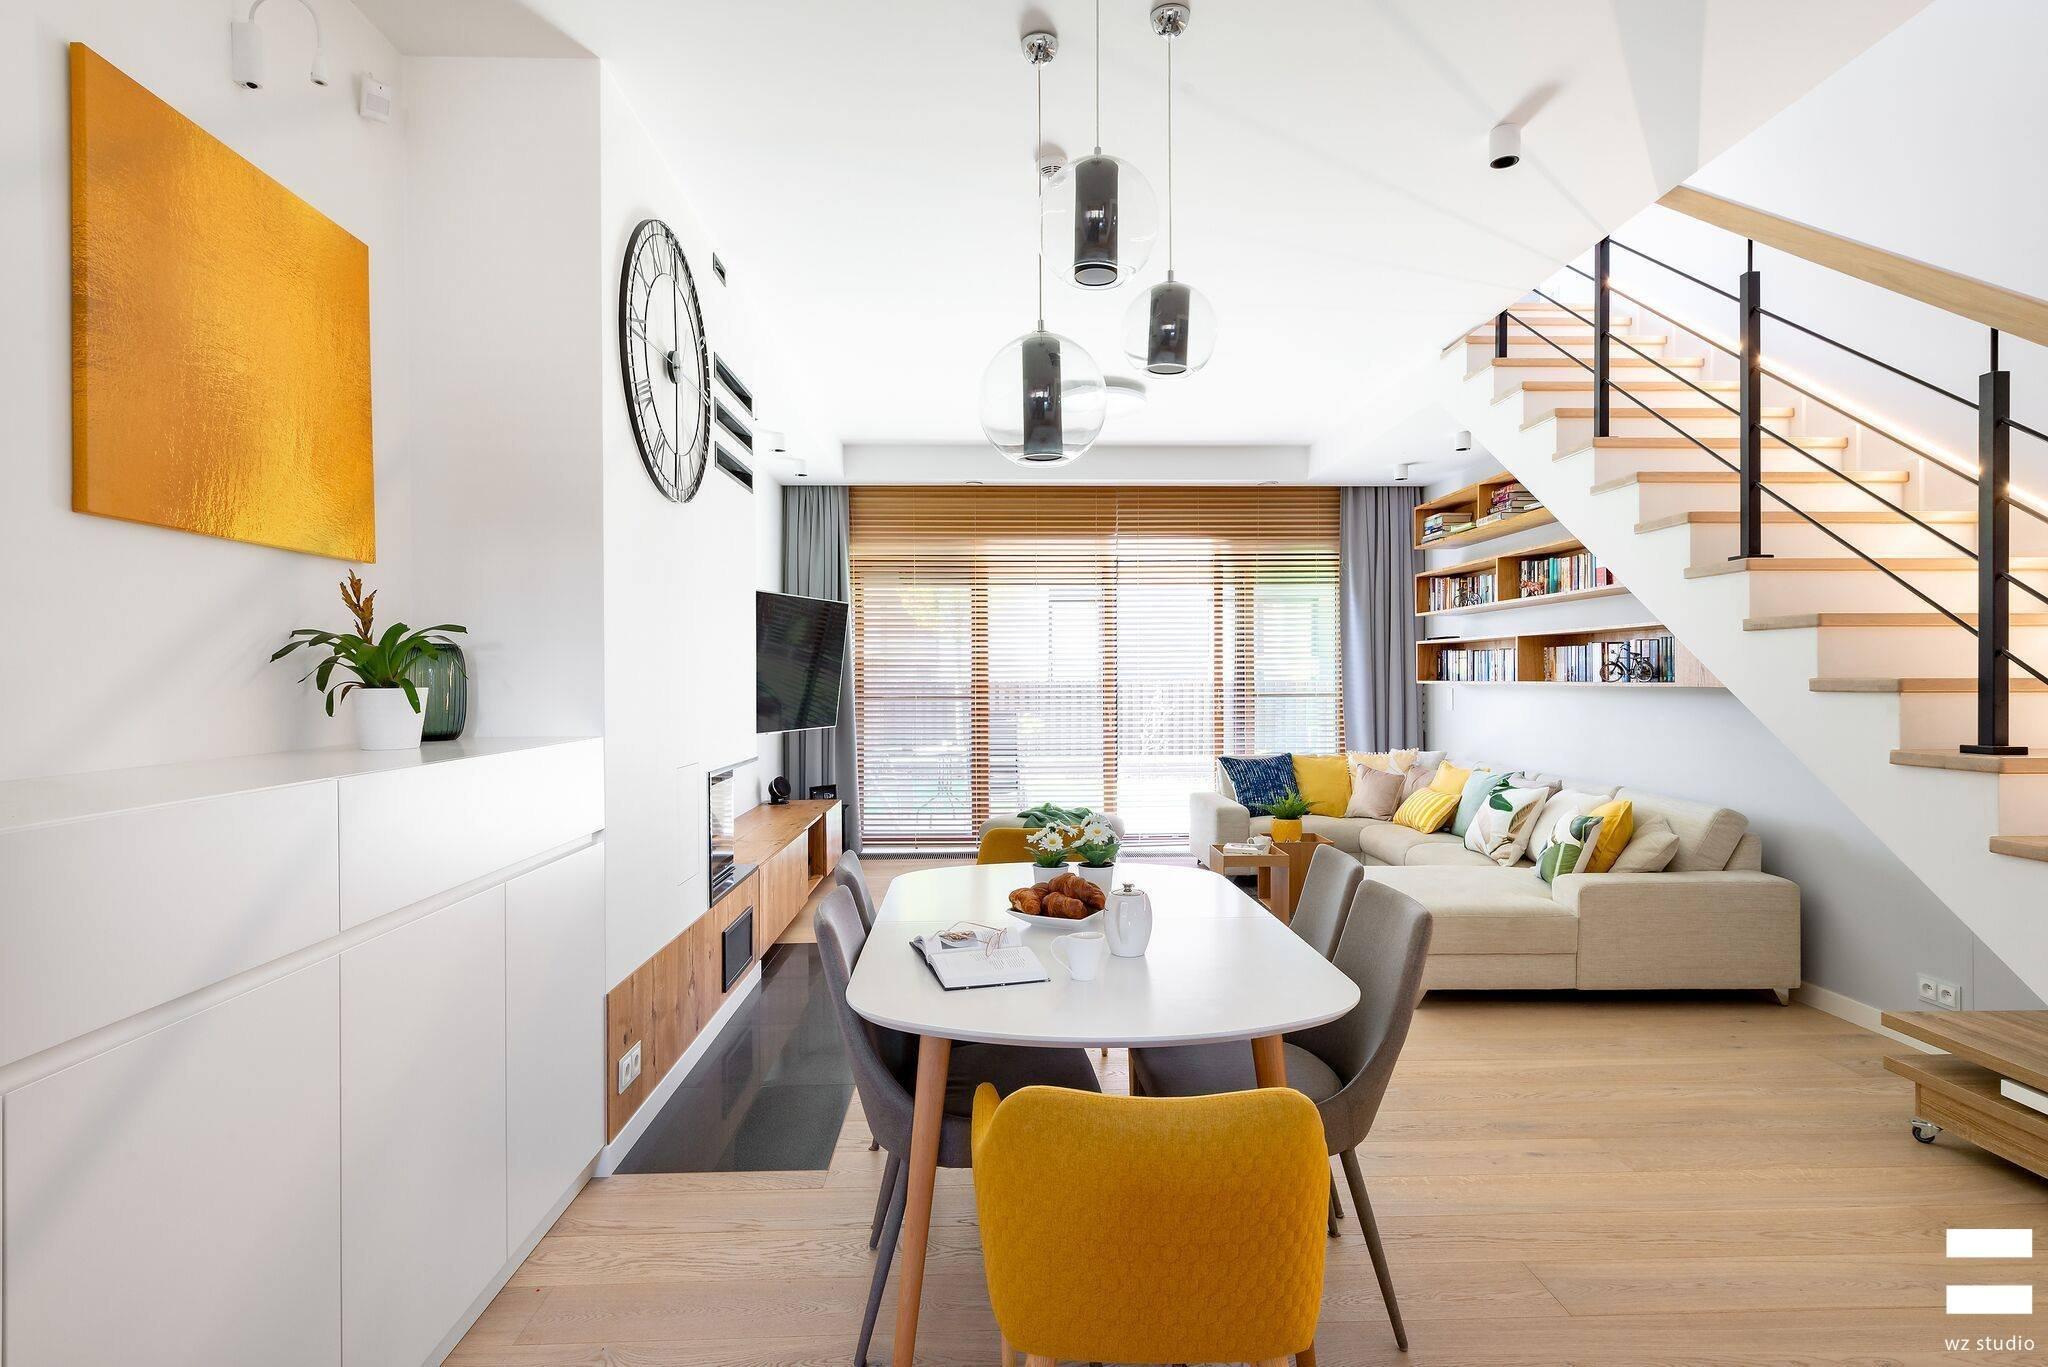 Pro toho, kdo miluje světlé a vzdušné prostory oživené akcenty svěžích barev, je tady inspirace v podobě minimalisticky zařízeného interiéru domu ve Varšavě. Zdá se, že je v něm obsaženo jen to nejnutnější, přesto však působí neskutečně útulně a vesele.